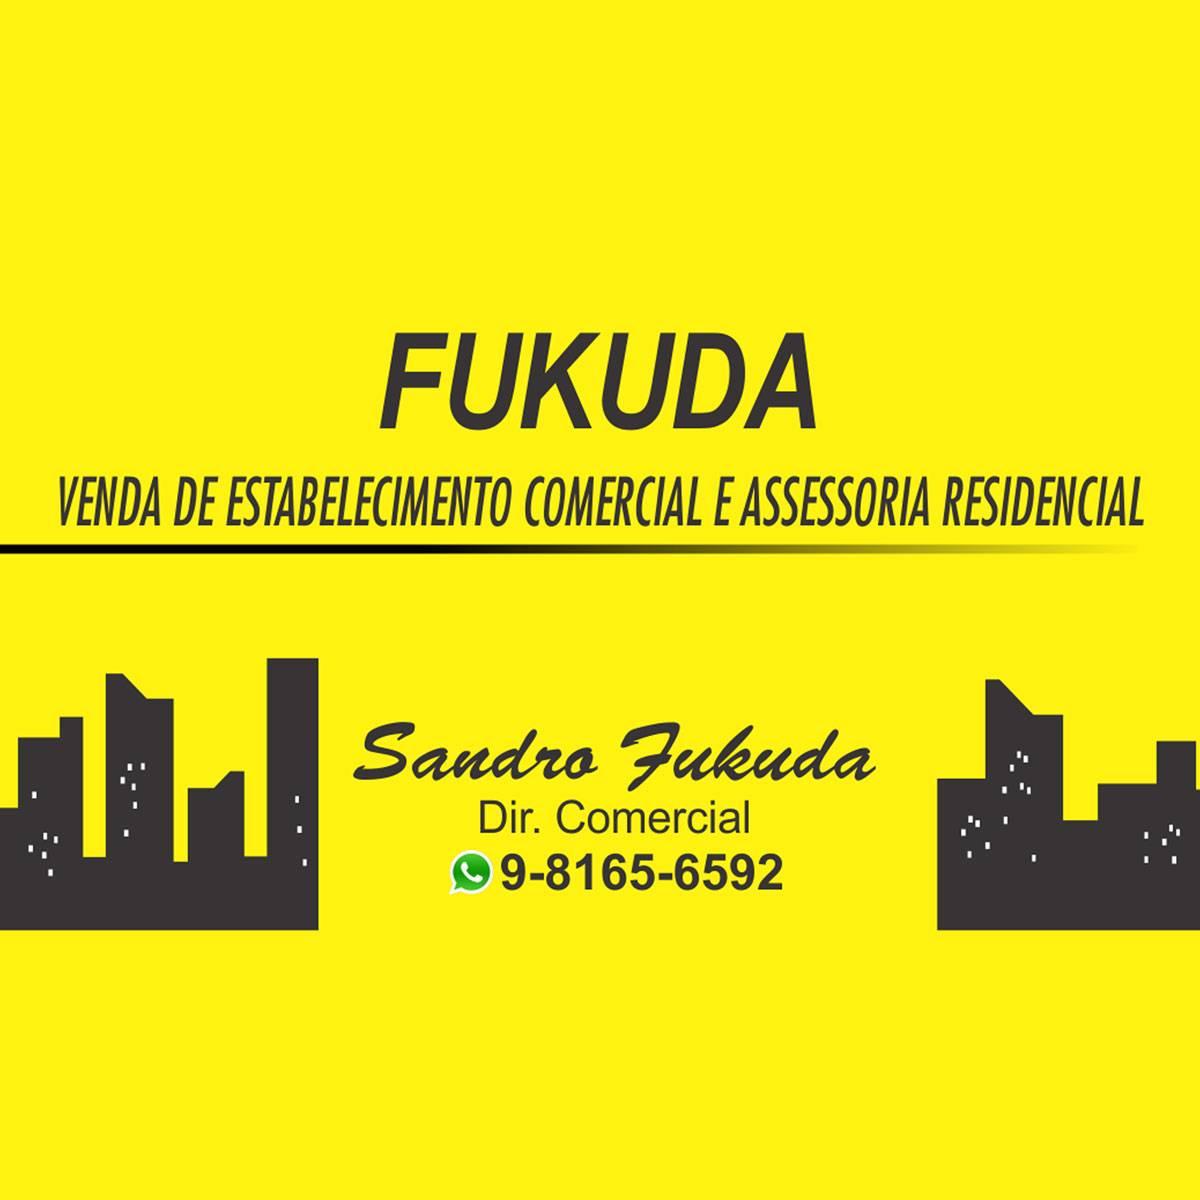 Fukuda Negócios